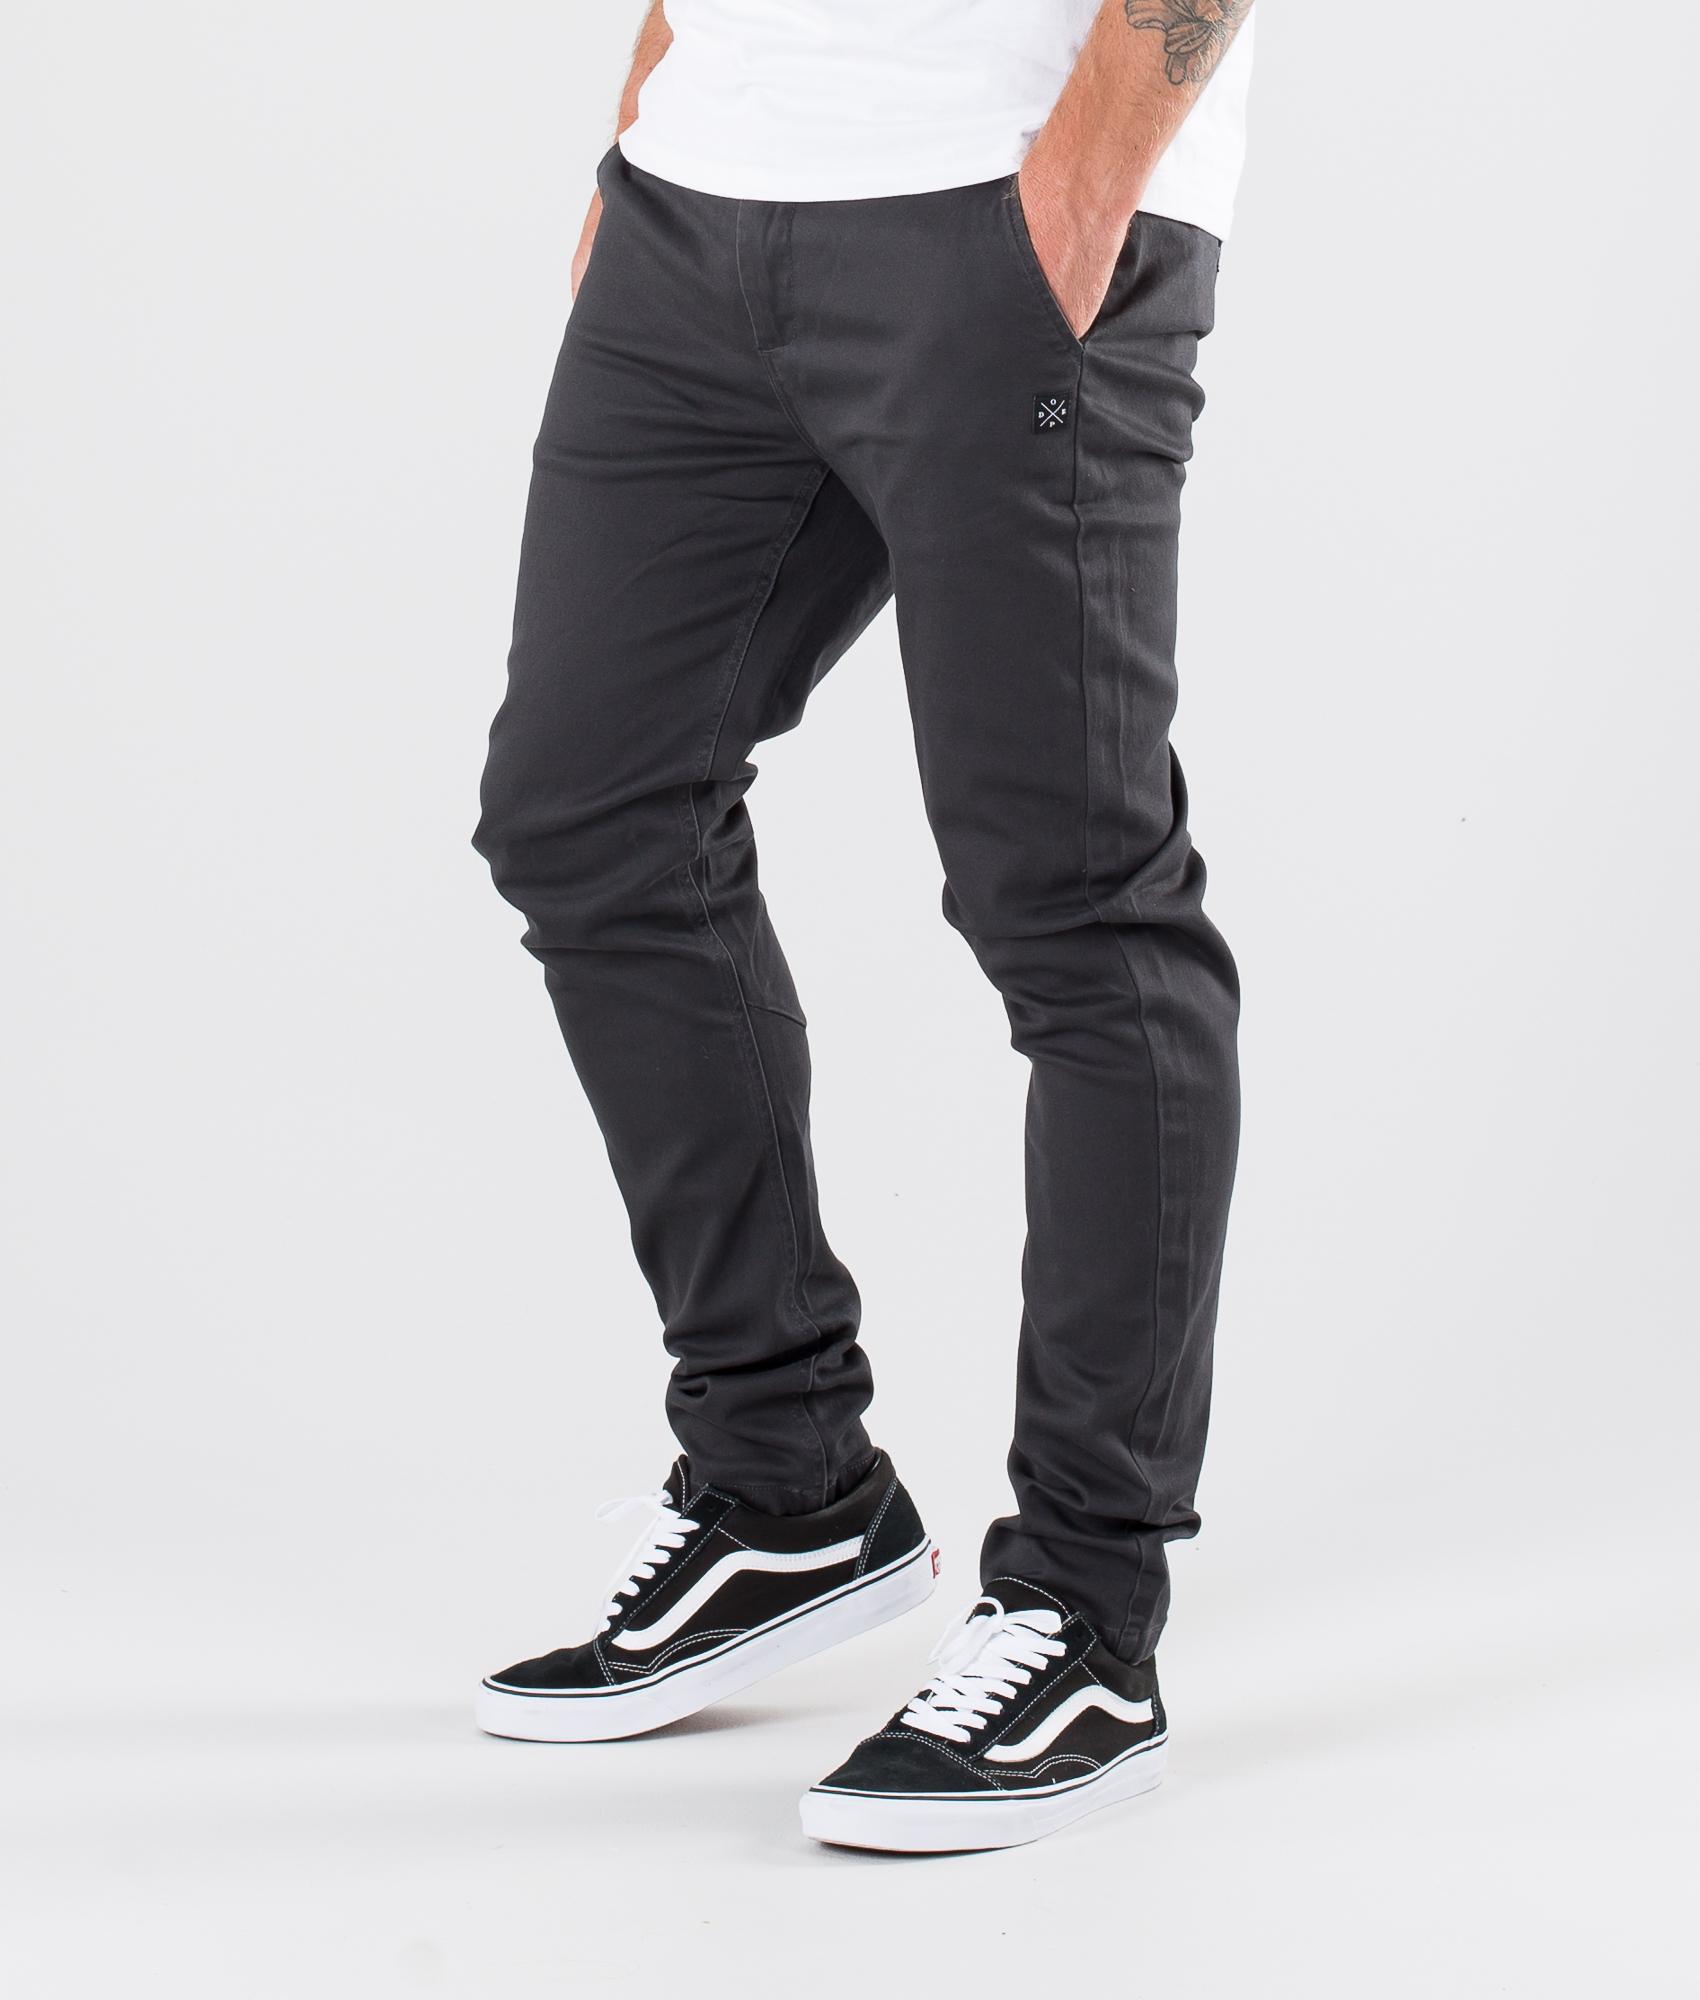 Herren Hosen Und Jeans Streetwear Online Kaufen |